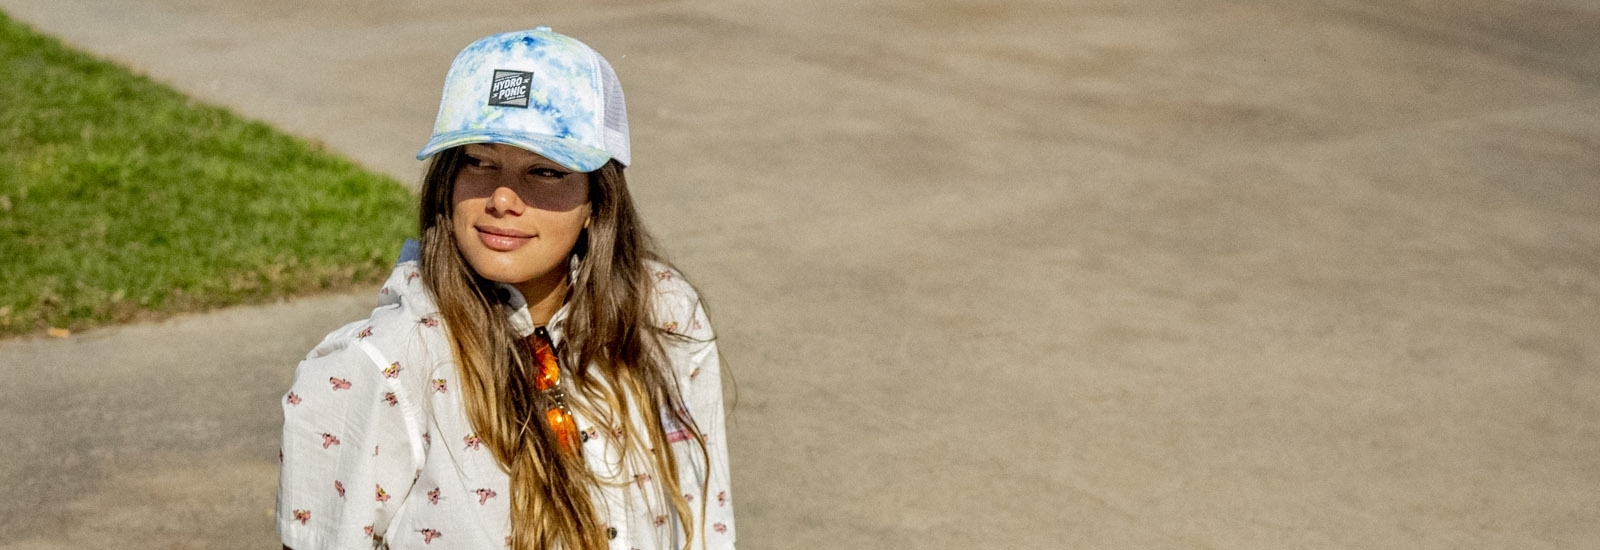 Caps & Hats - Hydroponic